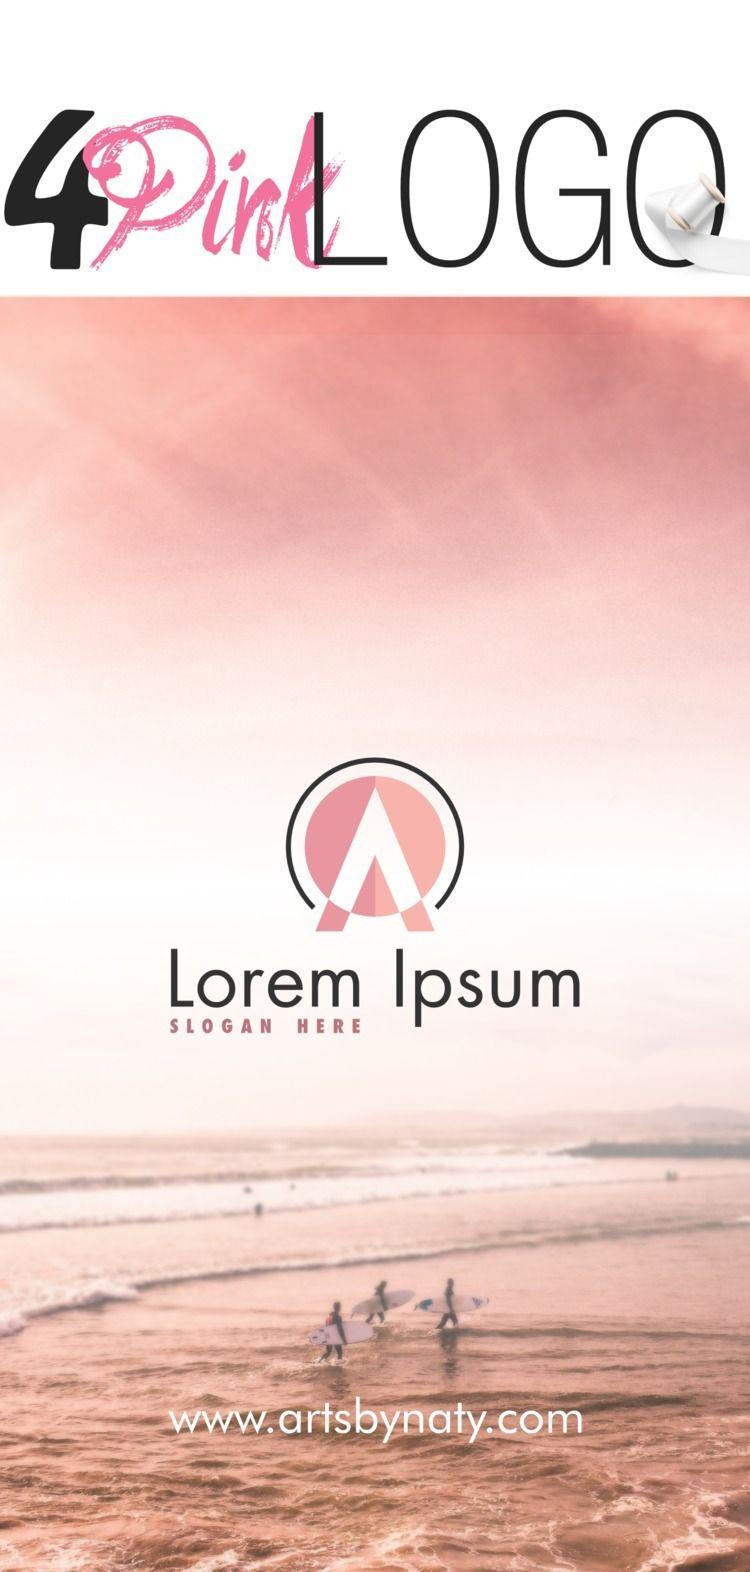 Pink modern logo set - pink, pinklogo - artsbynaty | ello